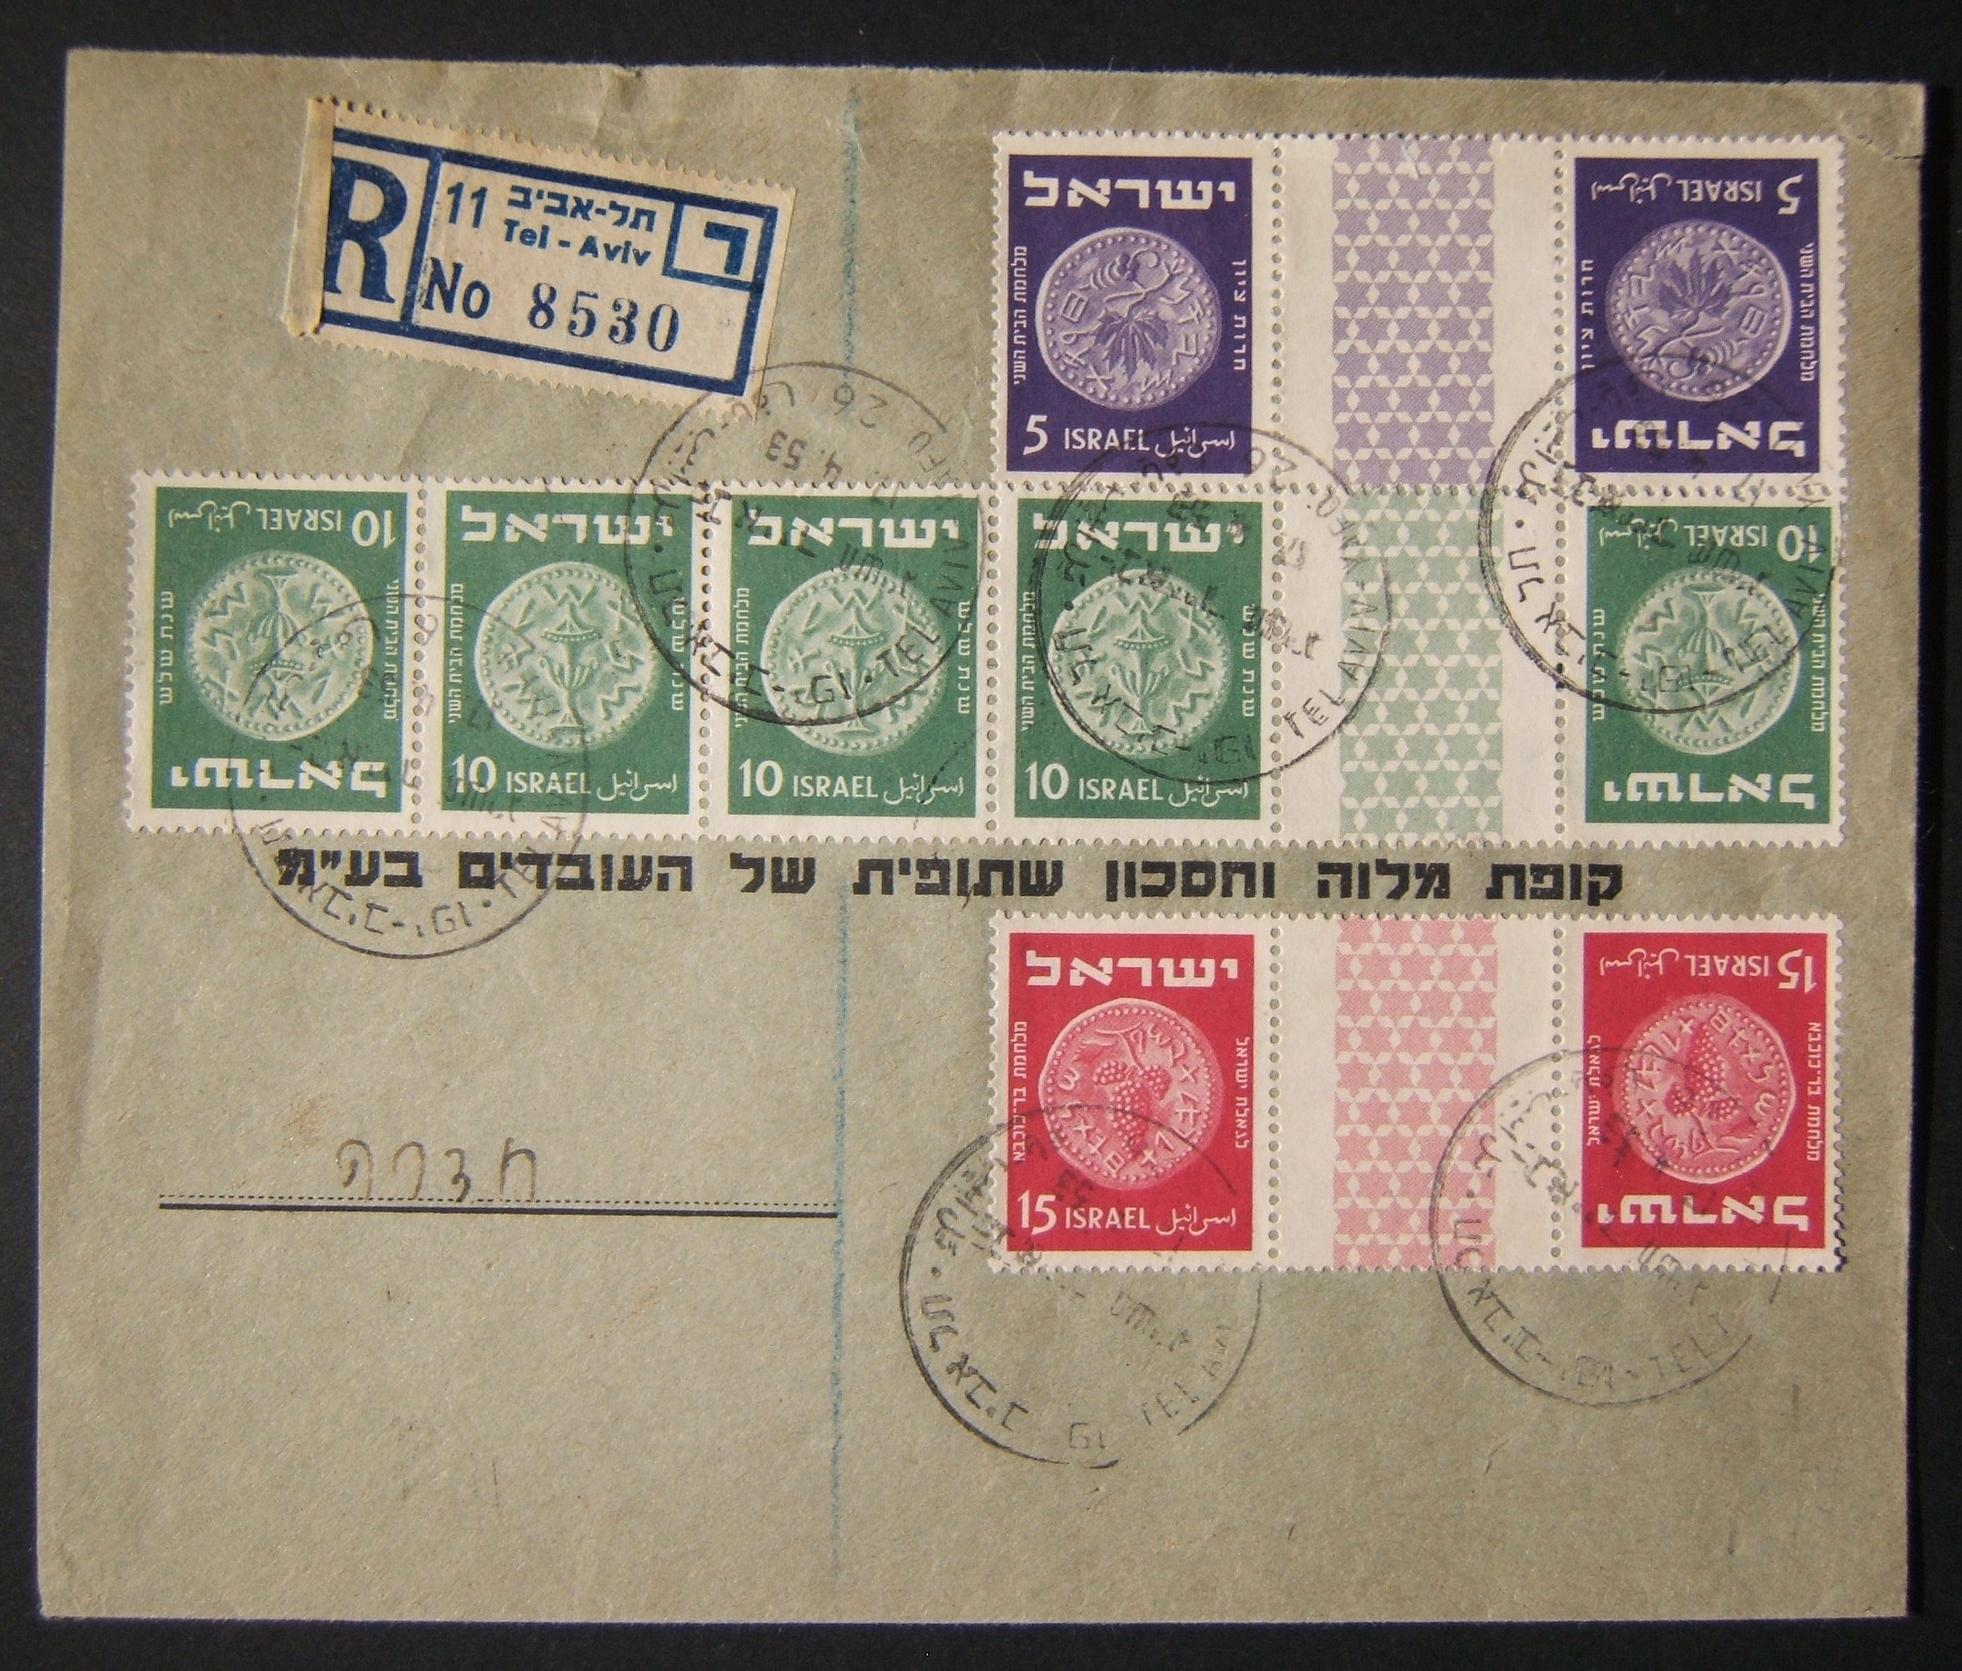 17-4-1953 תל אביב לחדרה 3 מטבעות צבע 3 צבוע